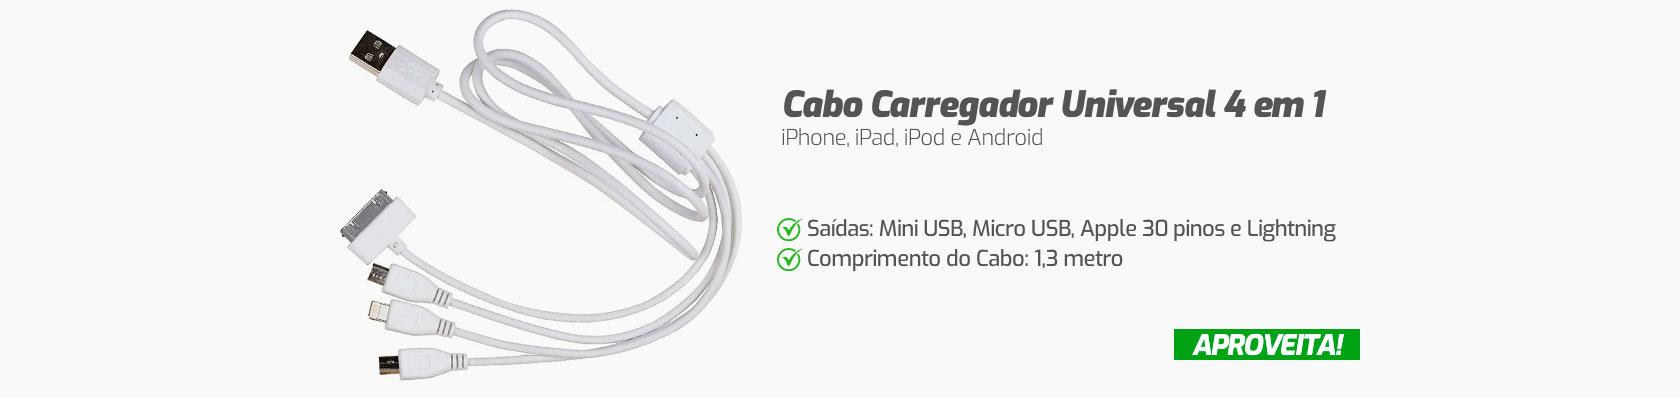 cabo-carregador-universal-4-em-1[cabos-usb]